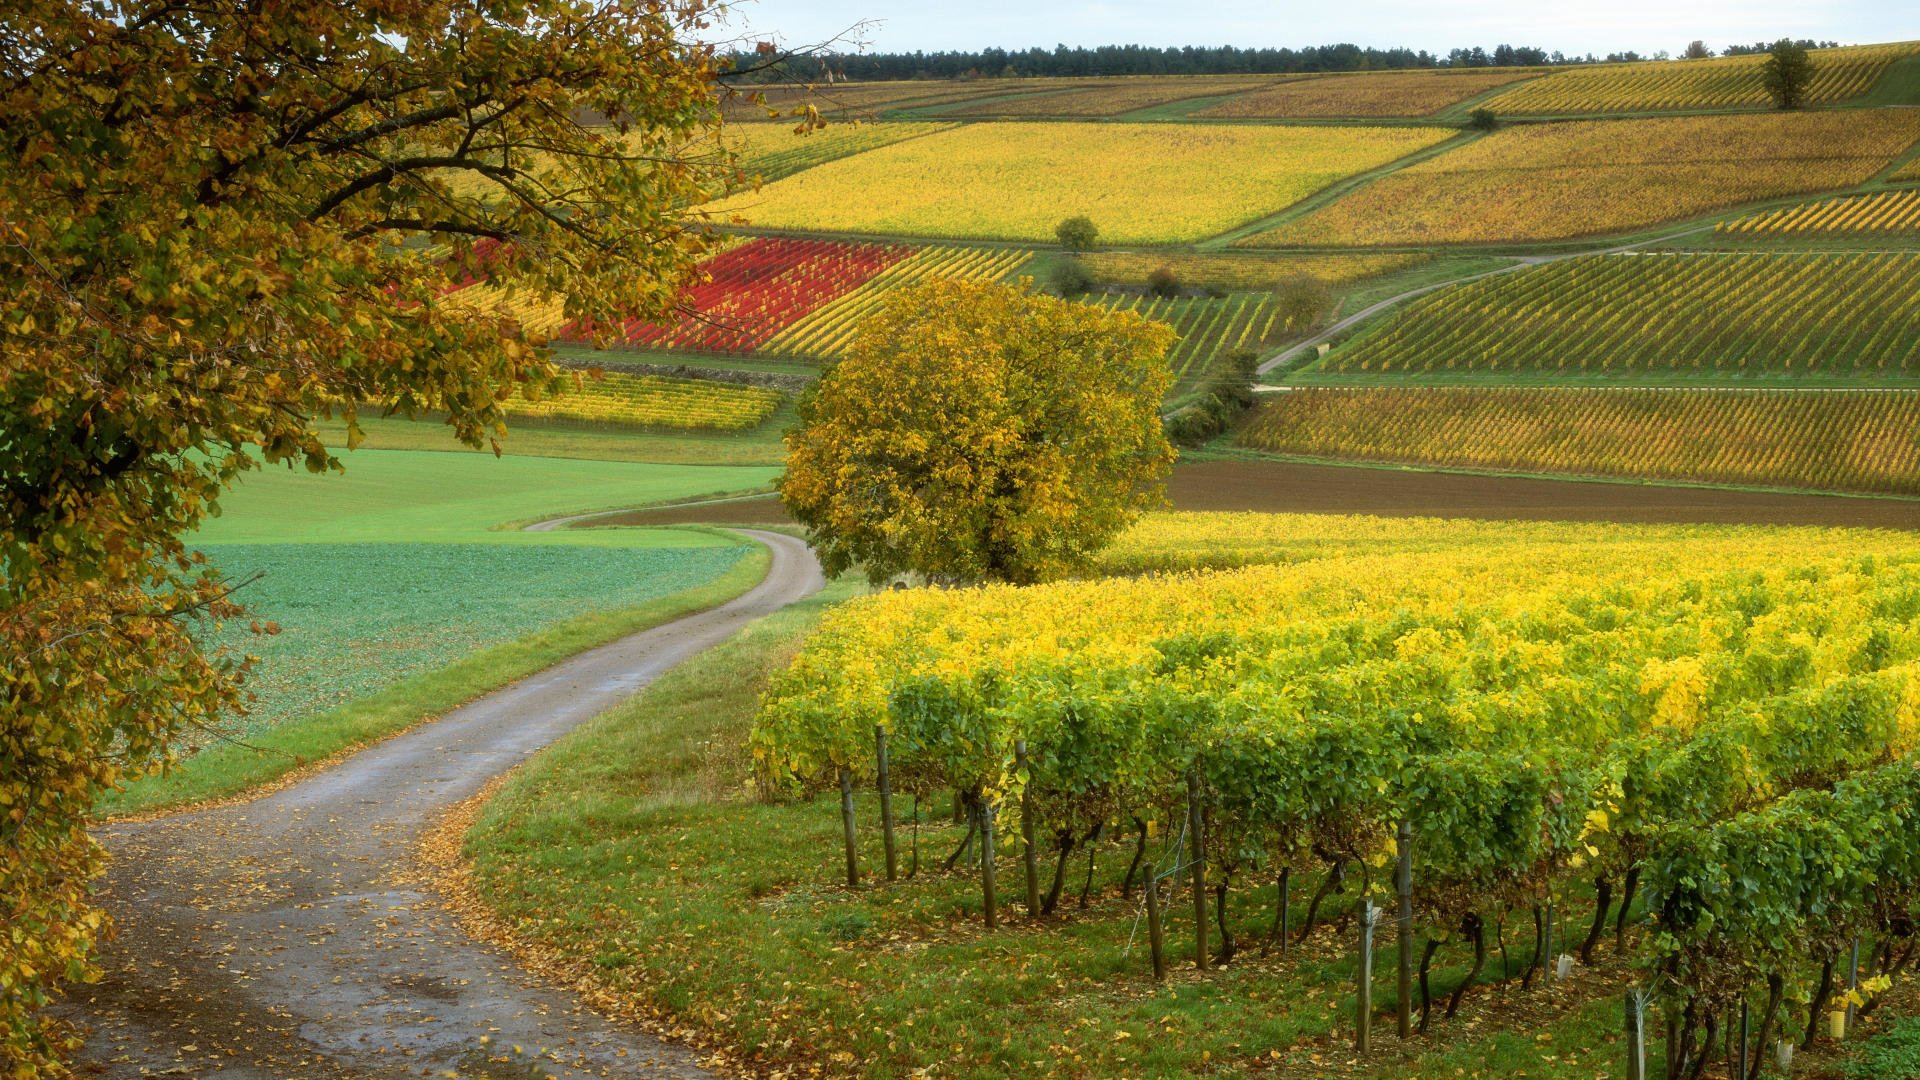 wineyard beckgraund-ის სურათის შედეგი